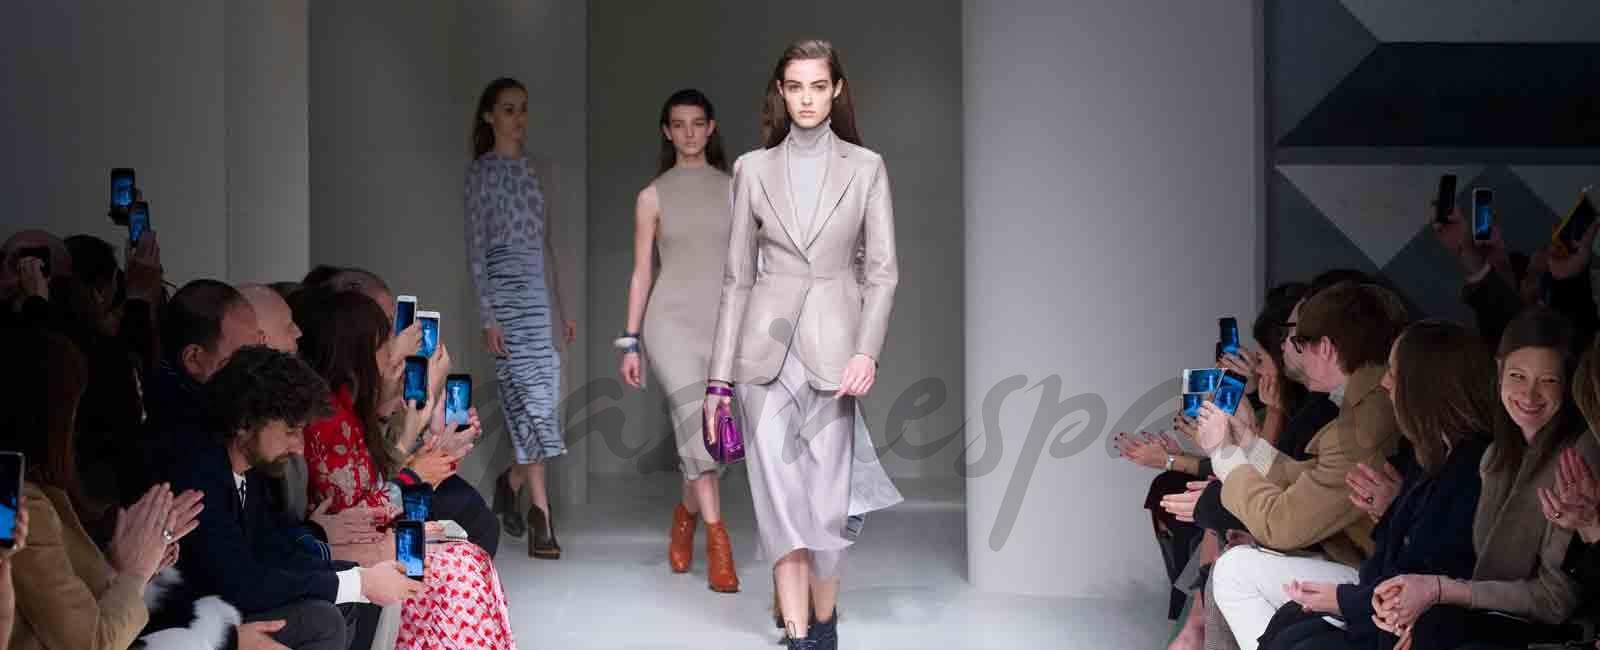 Milán Fashion Week: Salvatore Ferragamo Otoño-Invierno 2017/18